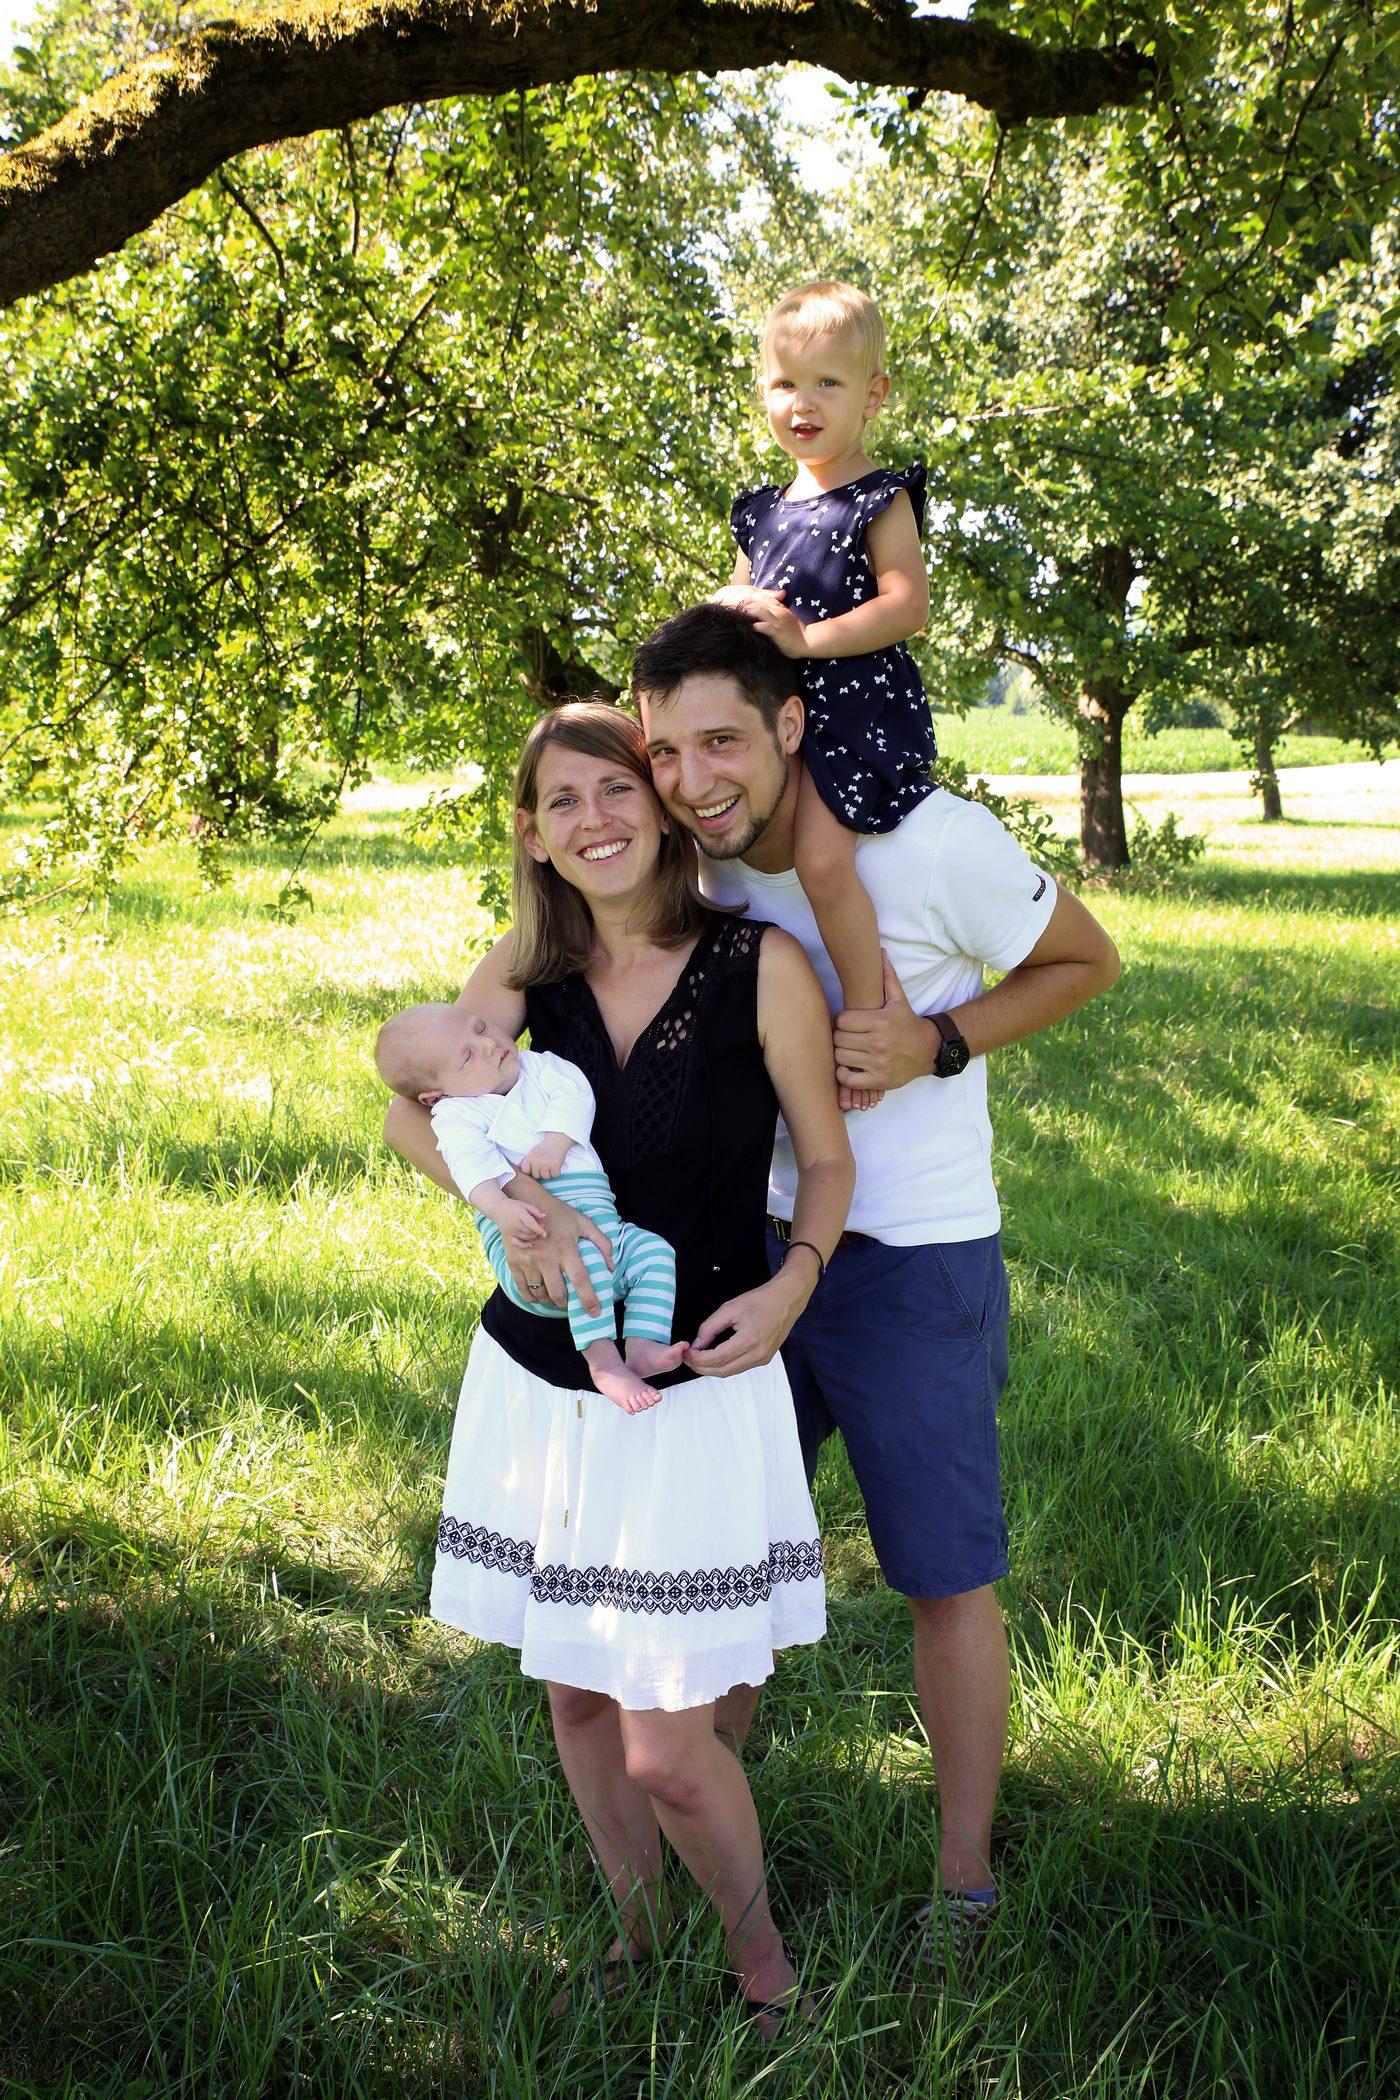 Familie im Gras stehend beim Familienshooting